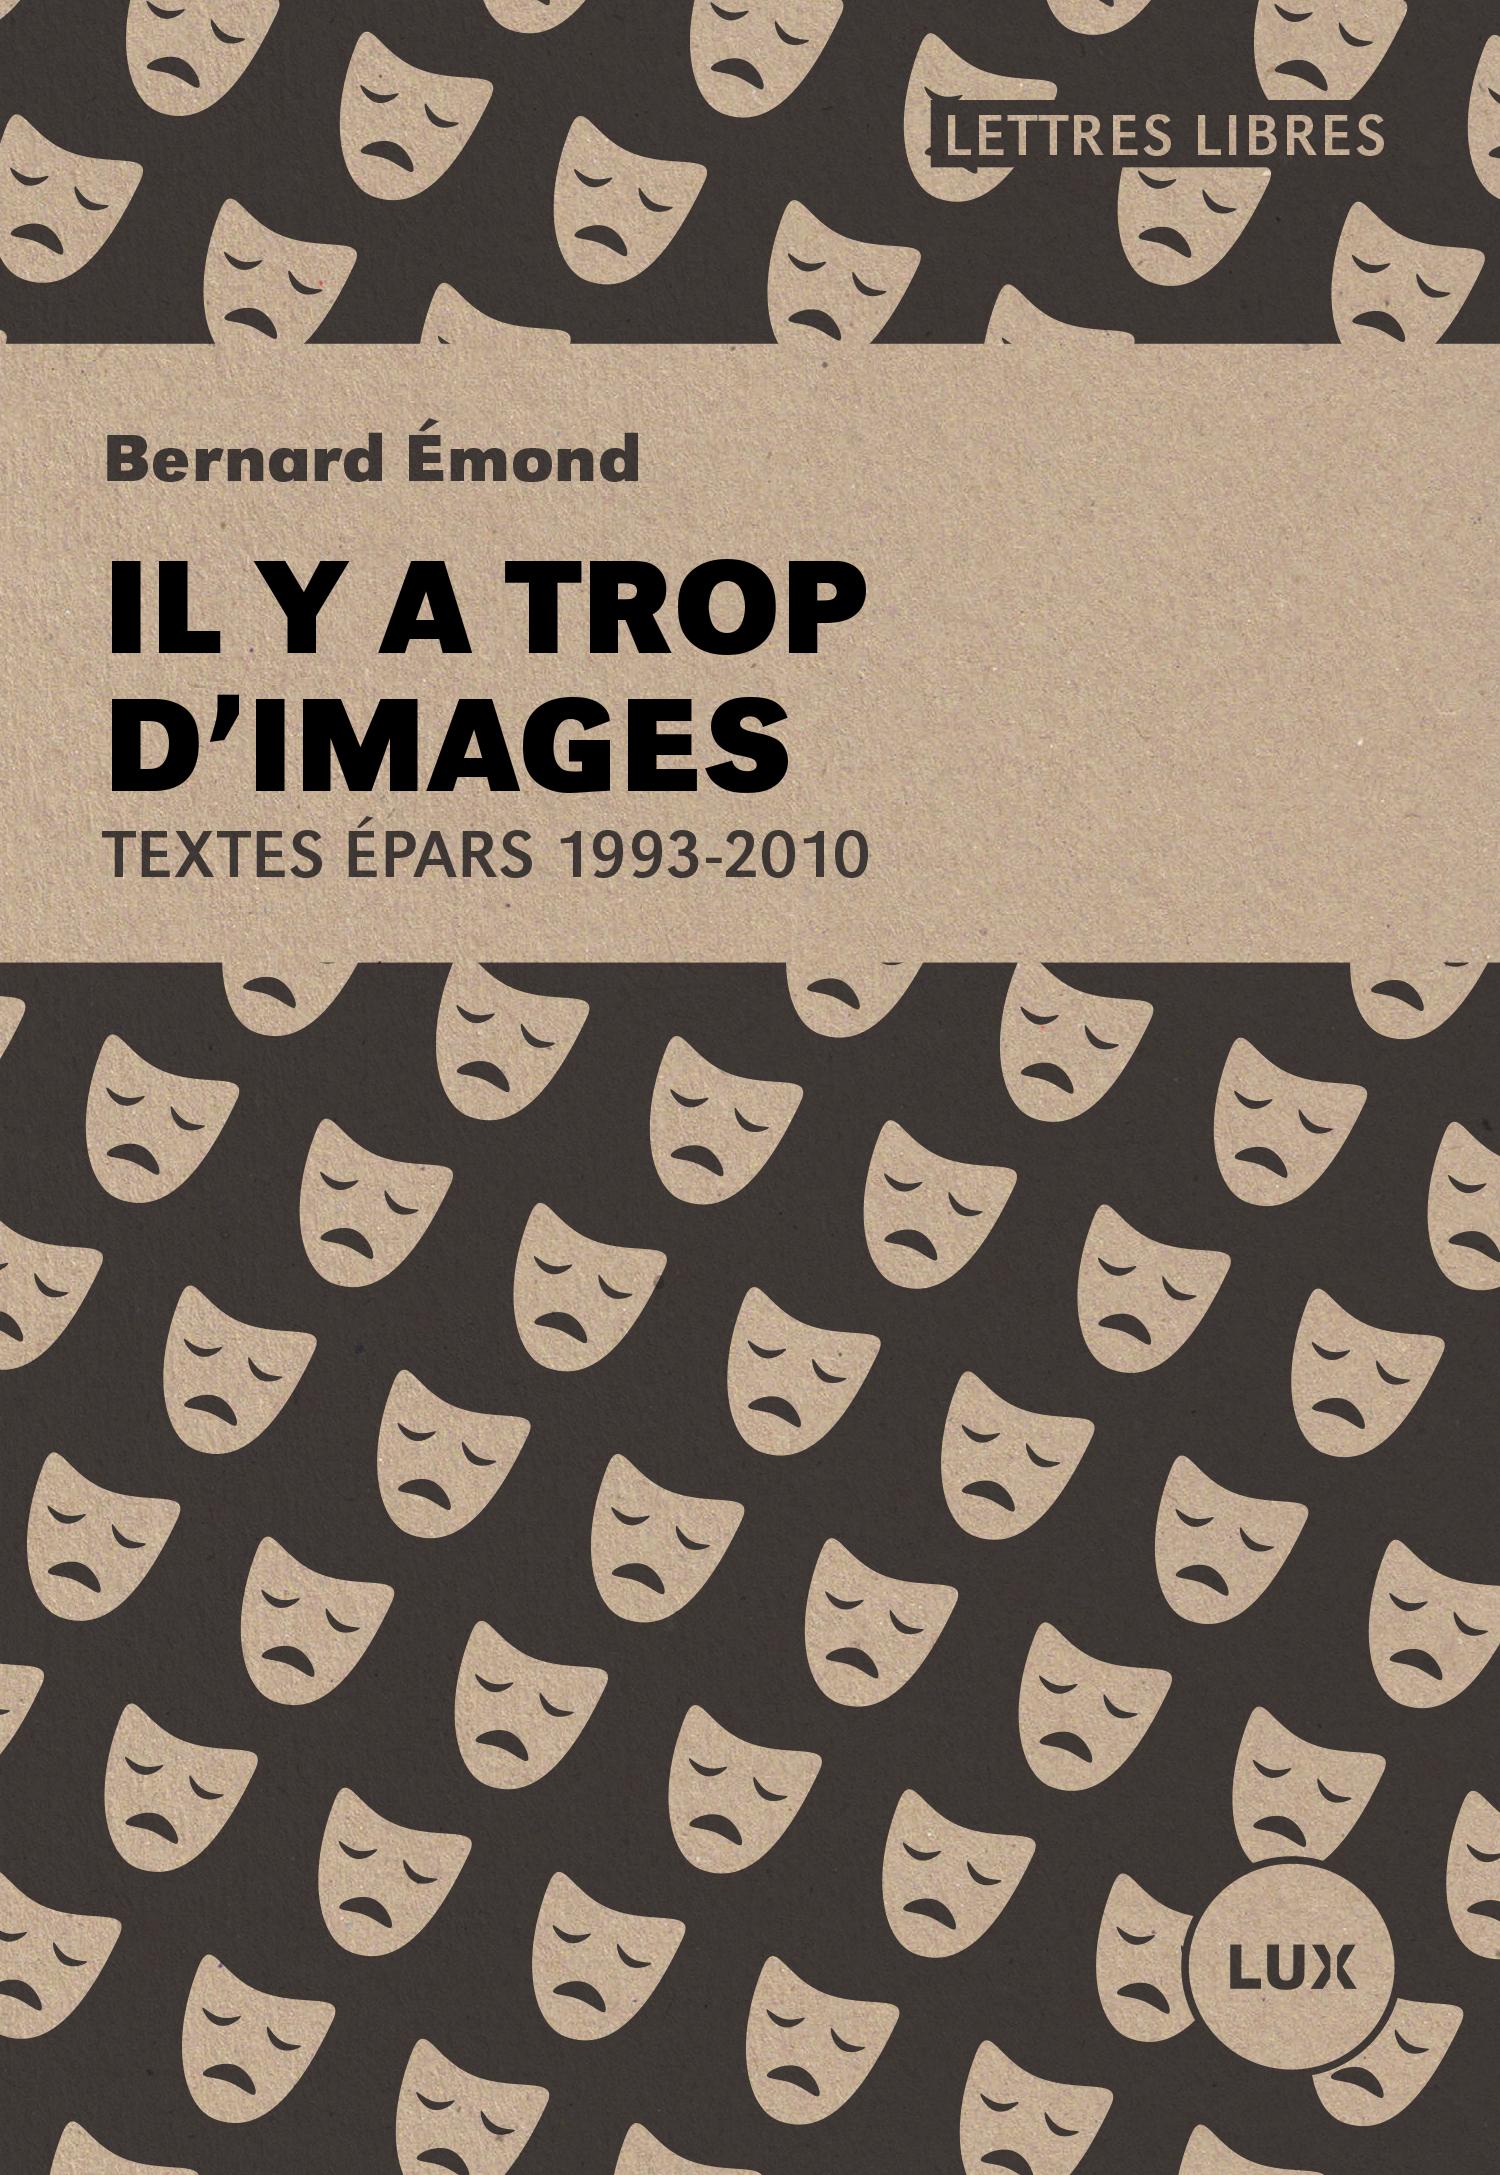 Il y a trop d'images: Textes épars 1993-2010